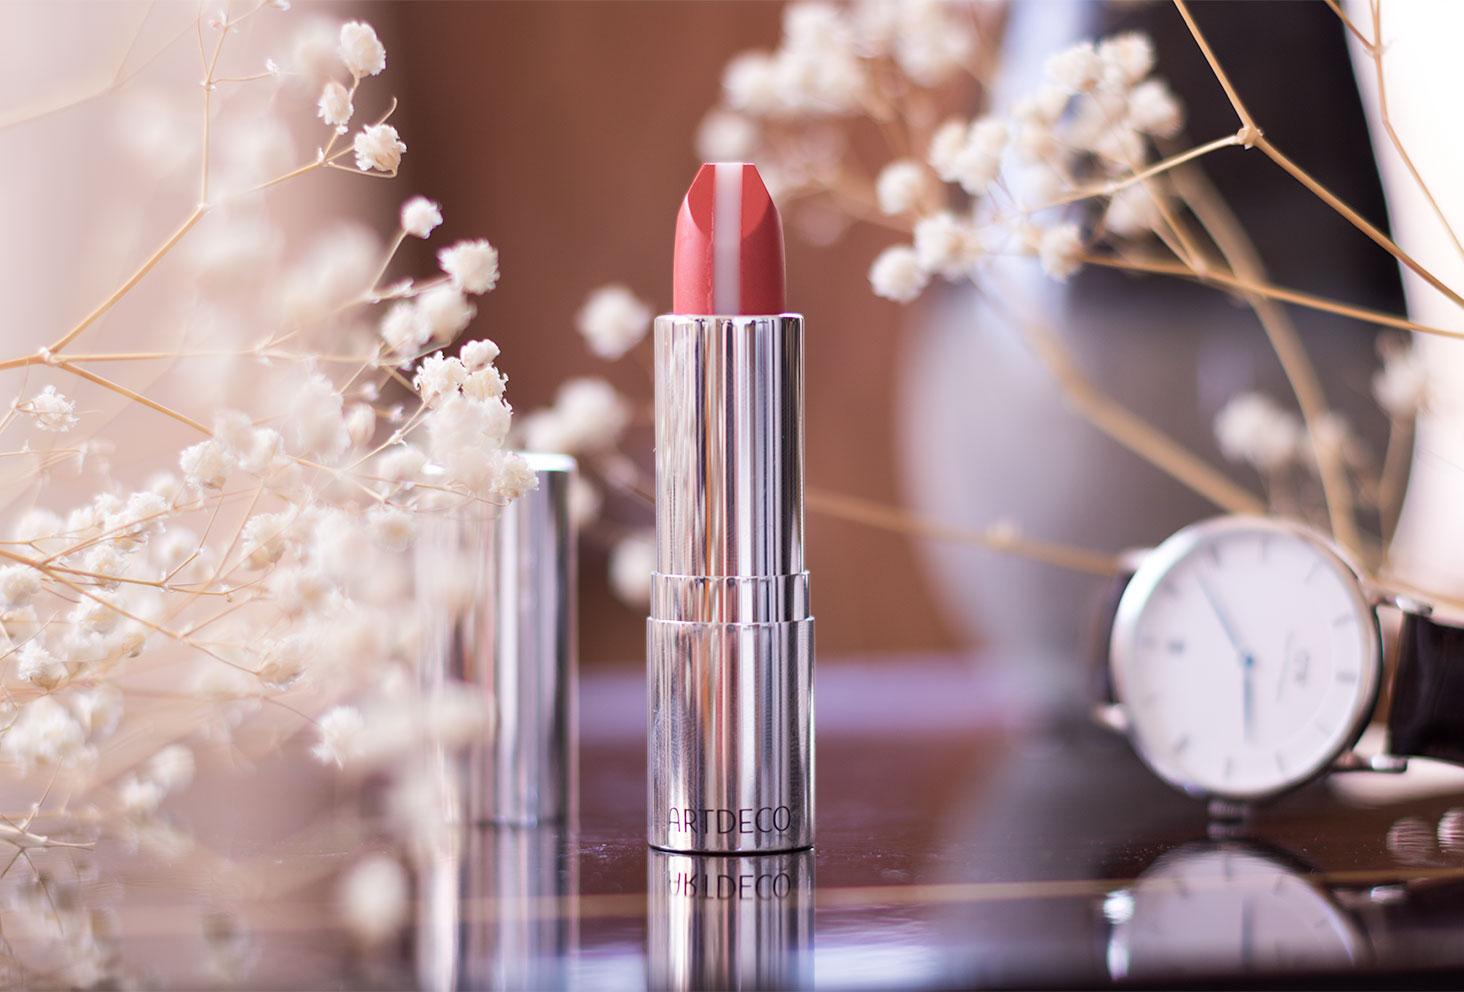 Zoom sur le rouge à lèvres rosé ARTDECO debout et ouvert au milieu des fleurs séchées